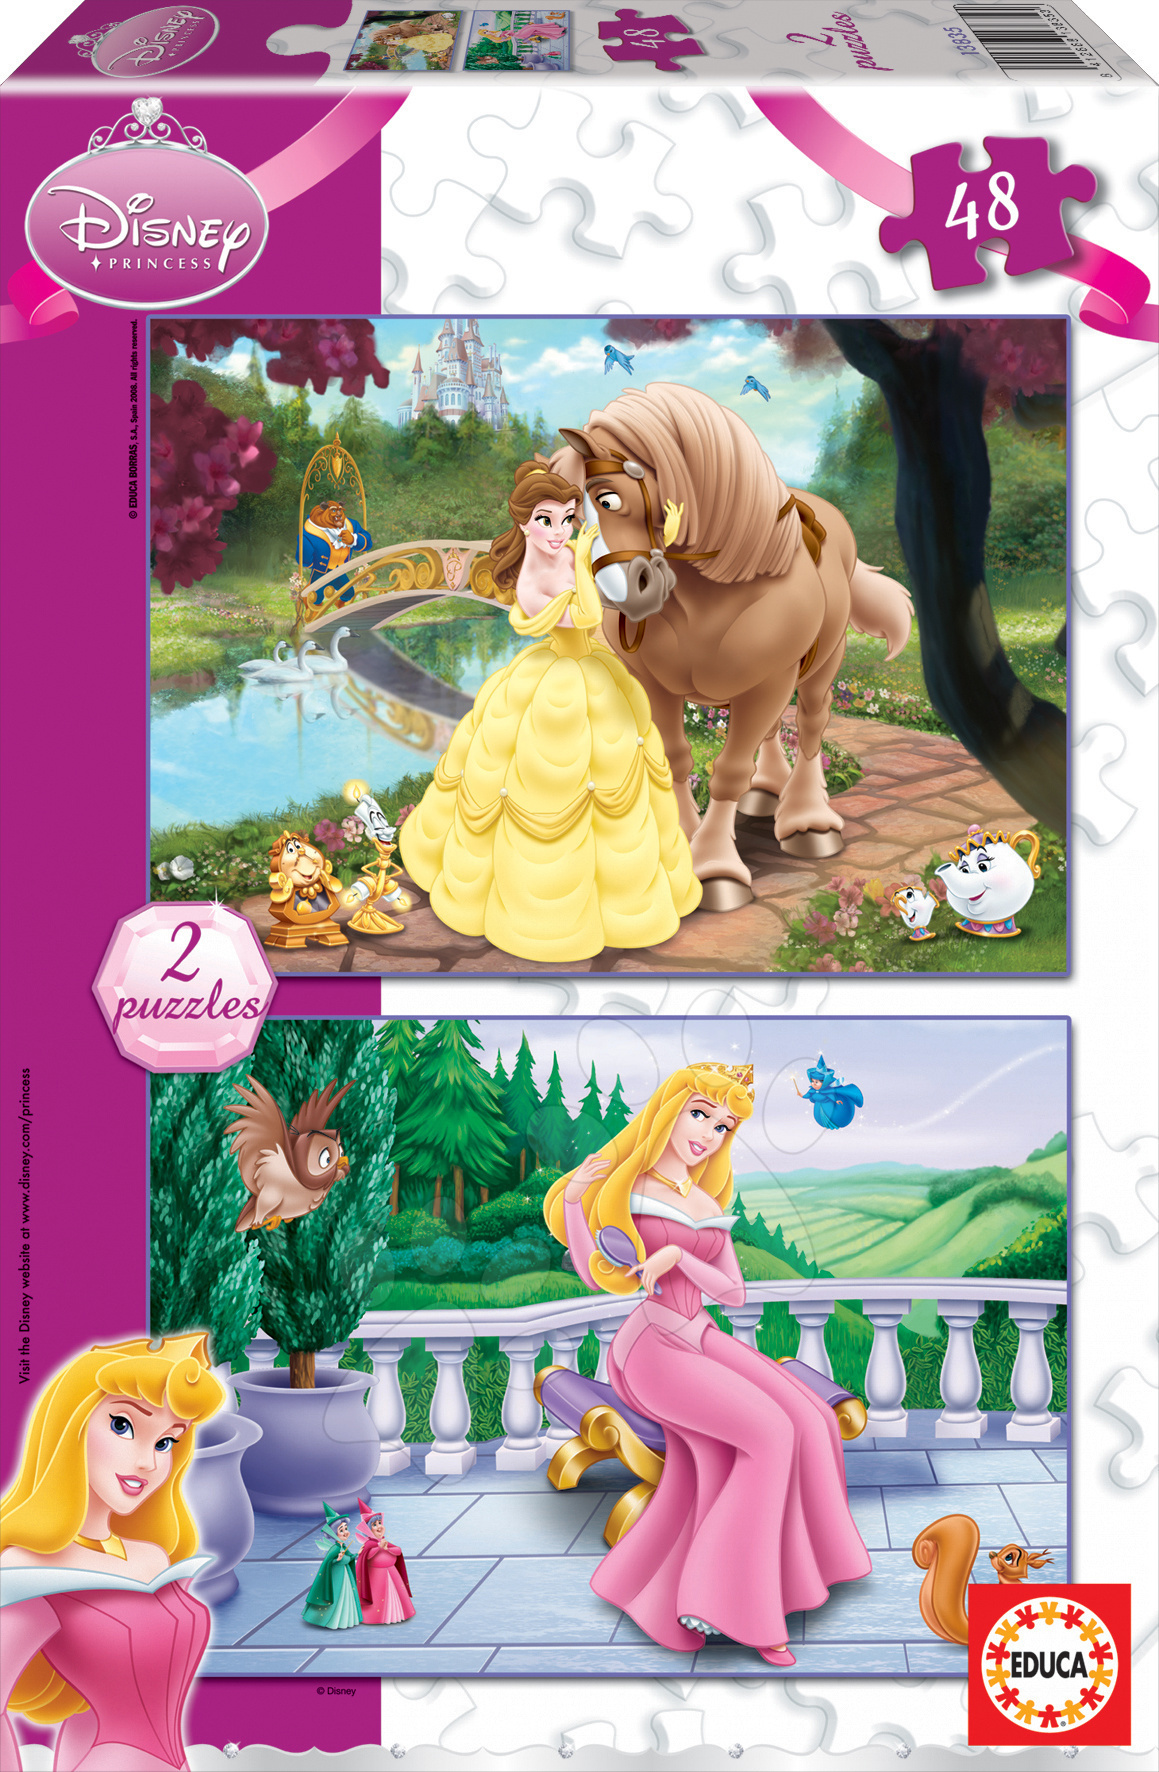 Dětské puzzle do 100 dílků - Puzzle Disney Princezny Educa 2 x 48 dílků